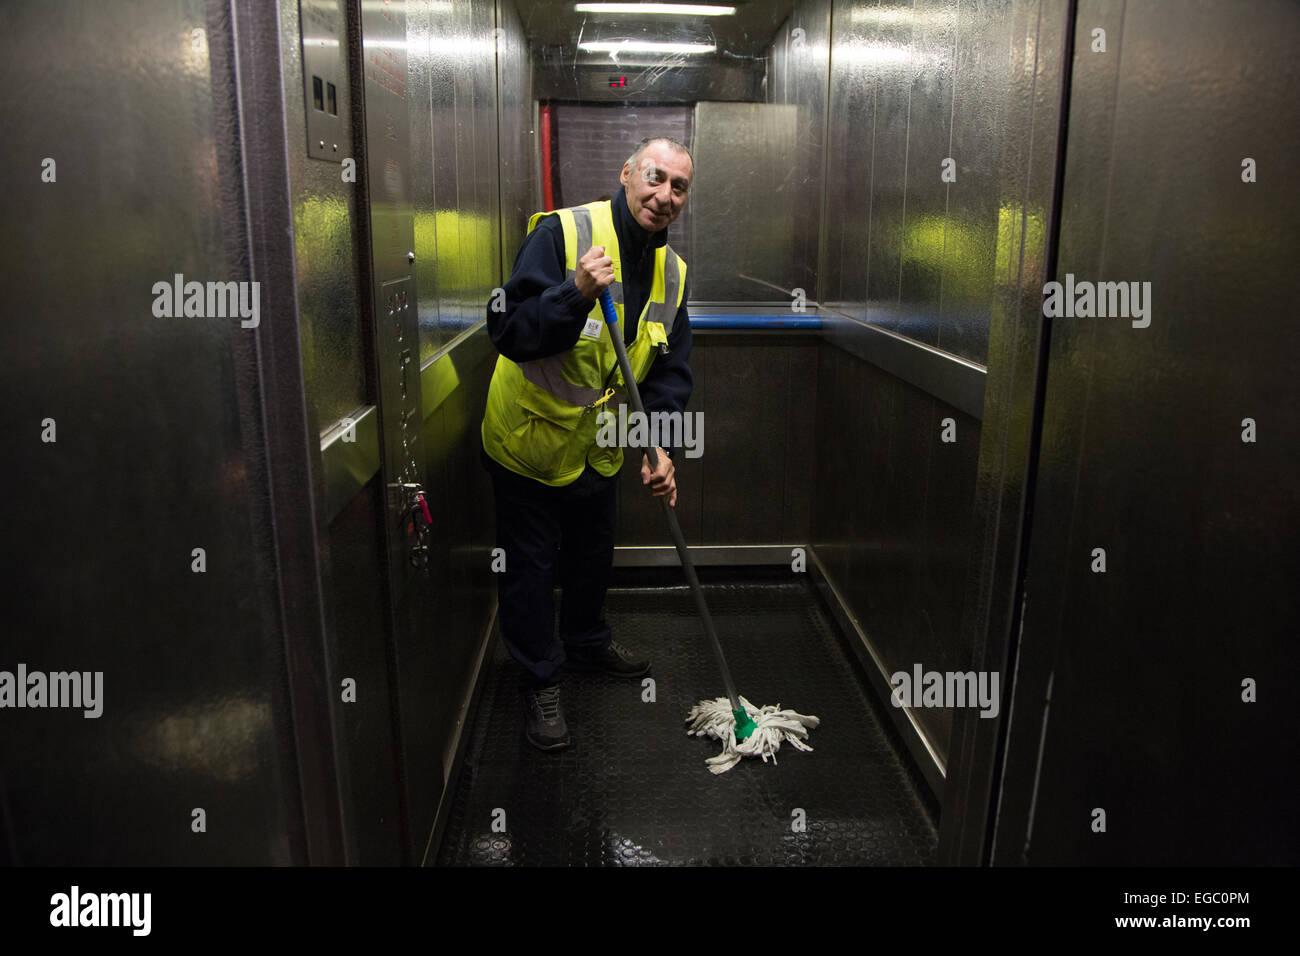 L'homme la serpillière d'un ascenseur ou l'ascenseur dans un immeuble d'appartements à Photo Stock